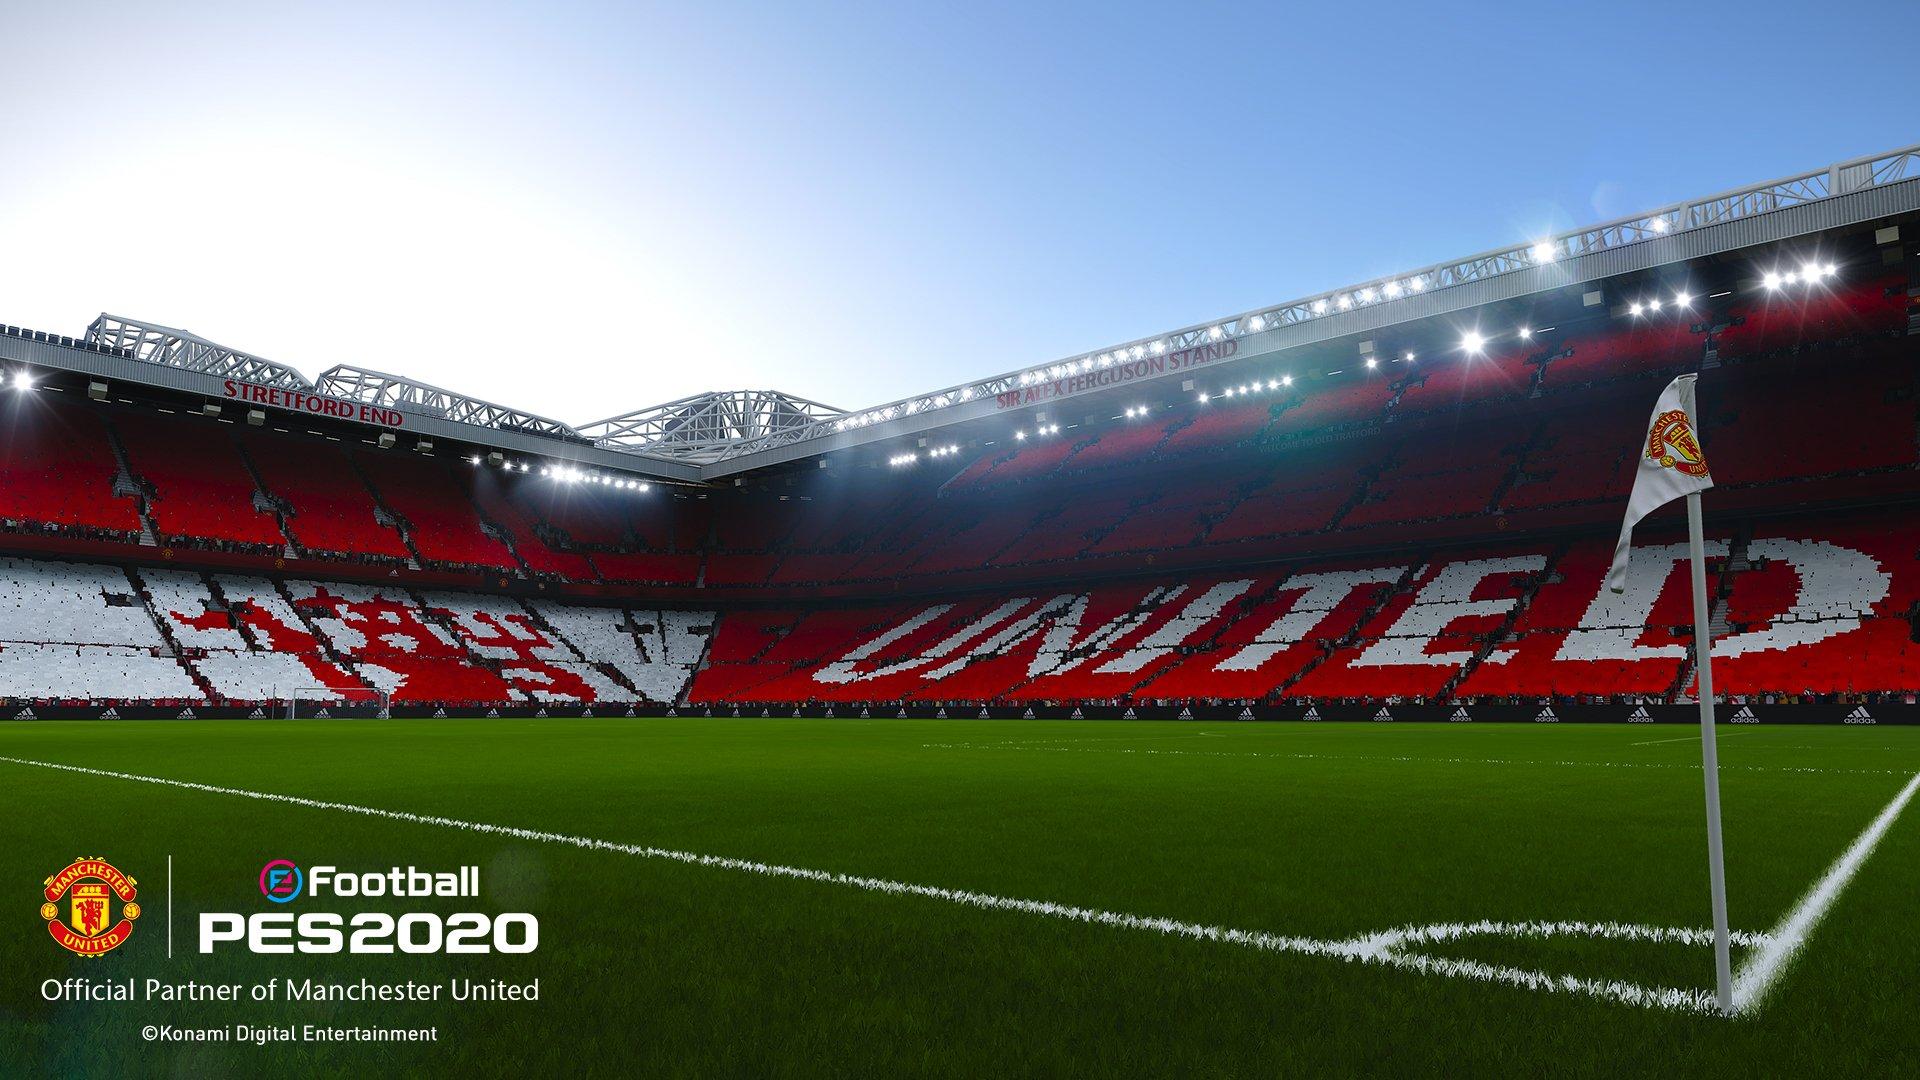 科乐美认为《实况足球2020》改名好处多 欧洲市场有潜力